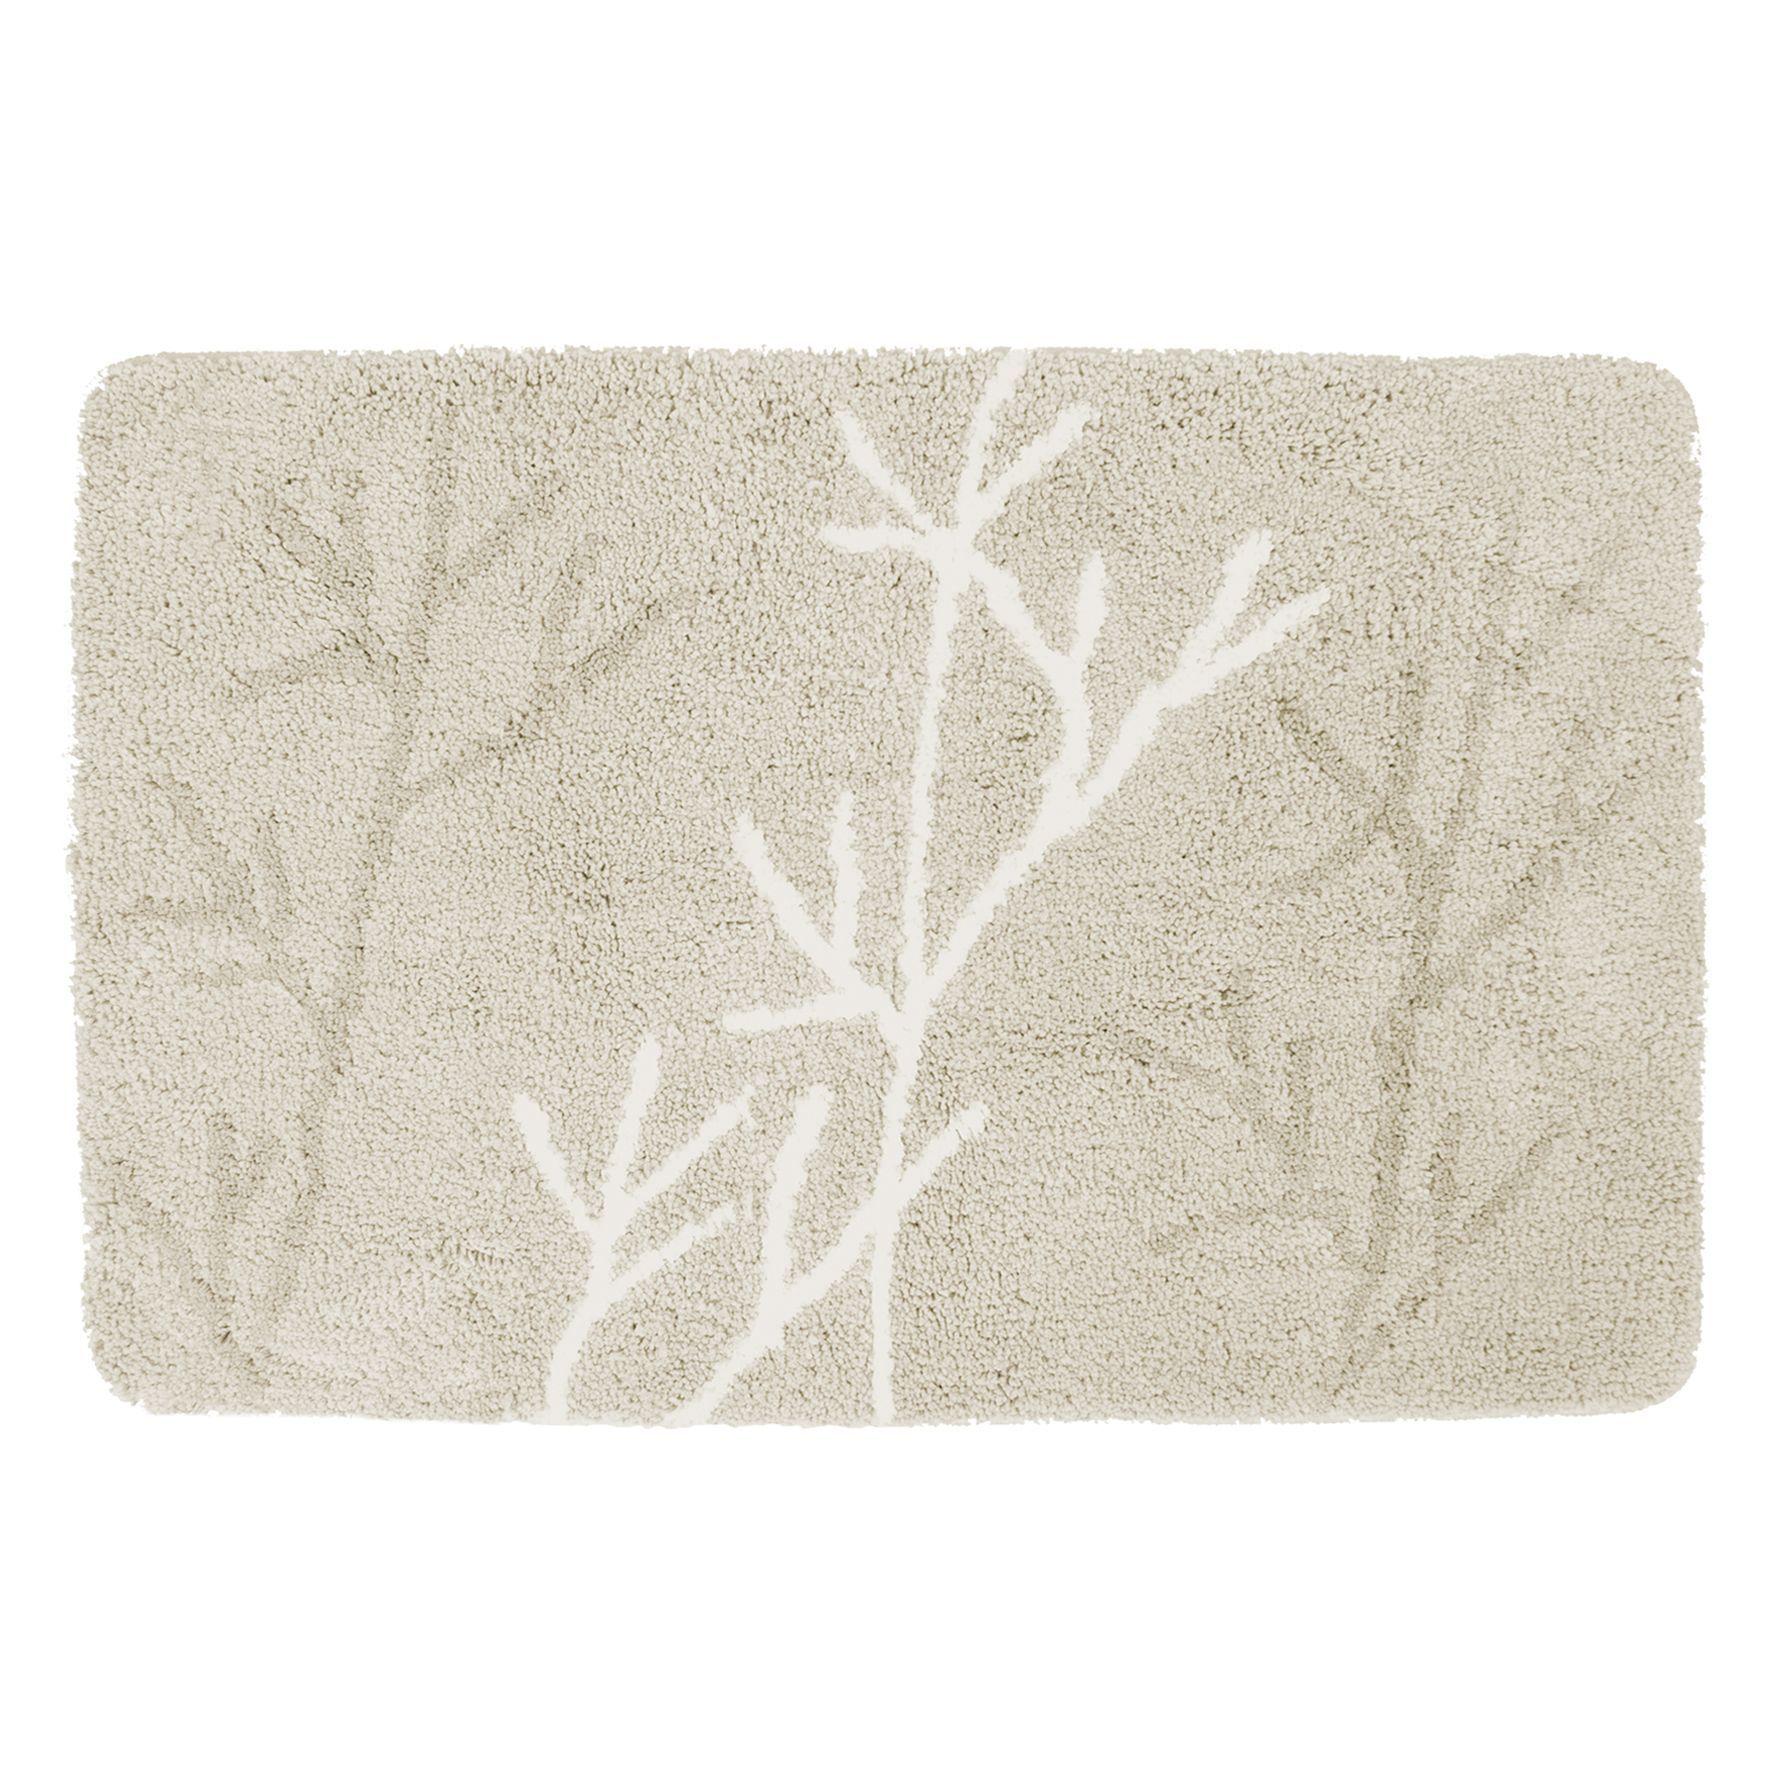 Differnz Leaf badmat 60x90 beige